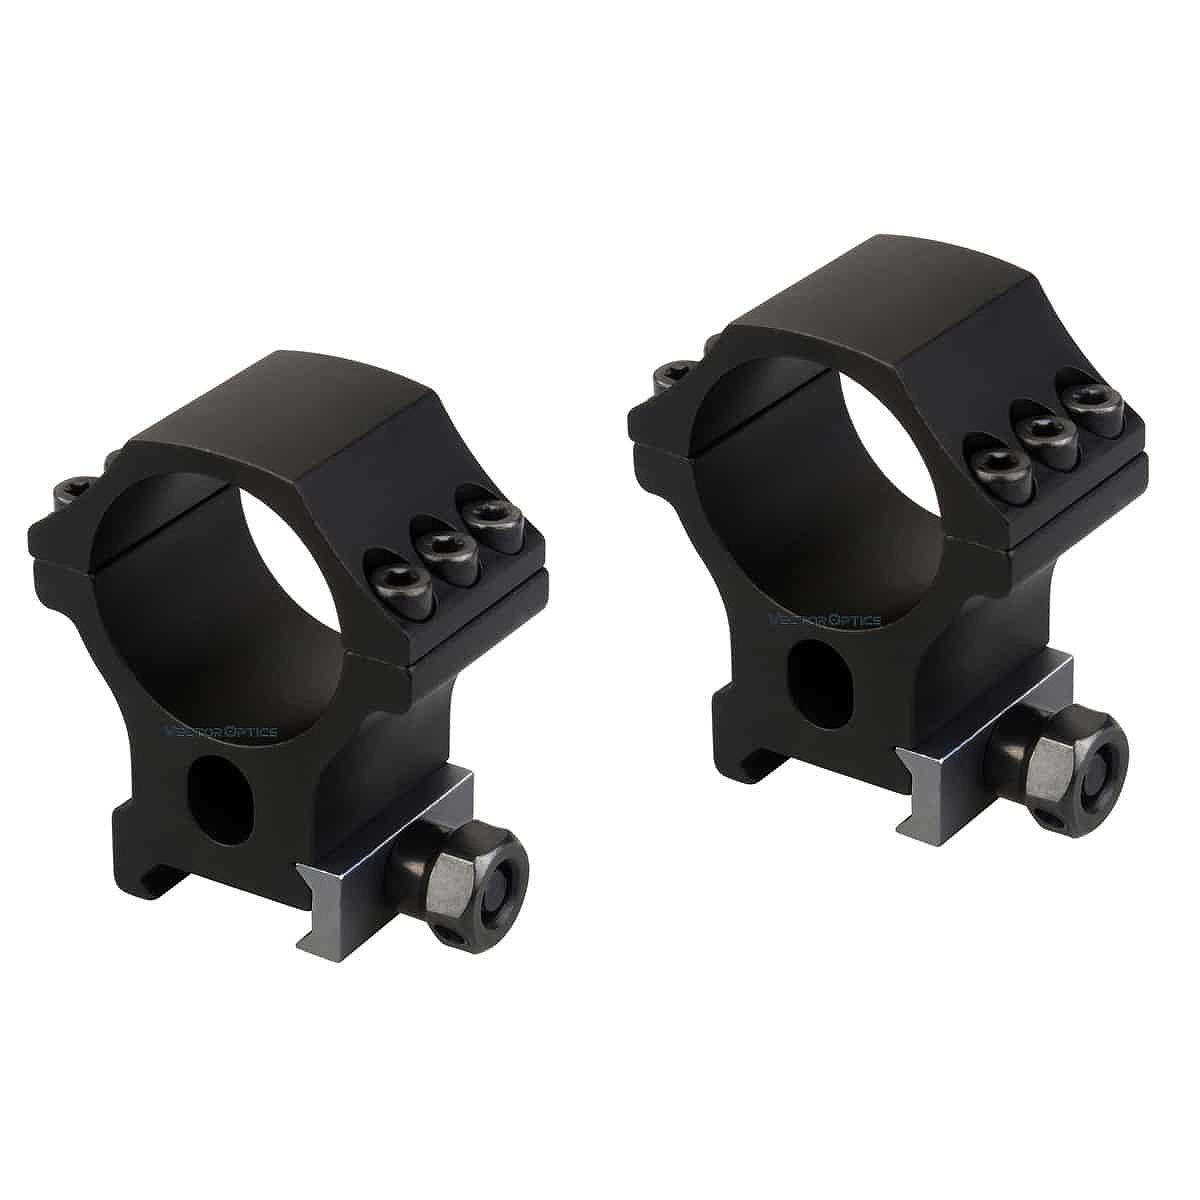 【お届け予定日: 5月30日】ベクターオプティクス スコープマウント 30mm X-Accu 1.25″Profile Picatinny Rings  Vector Optics SCTM-34